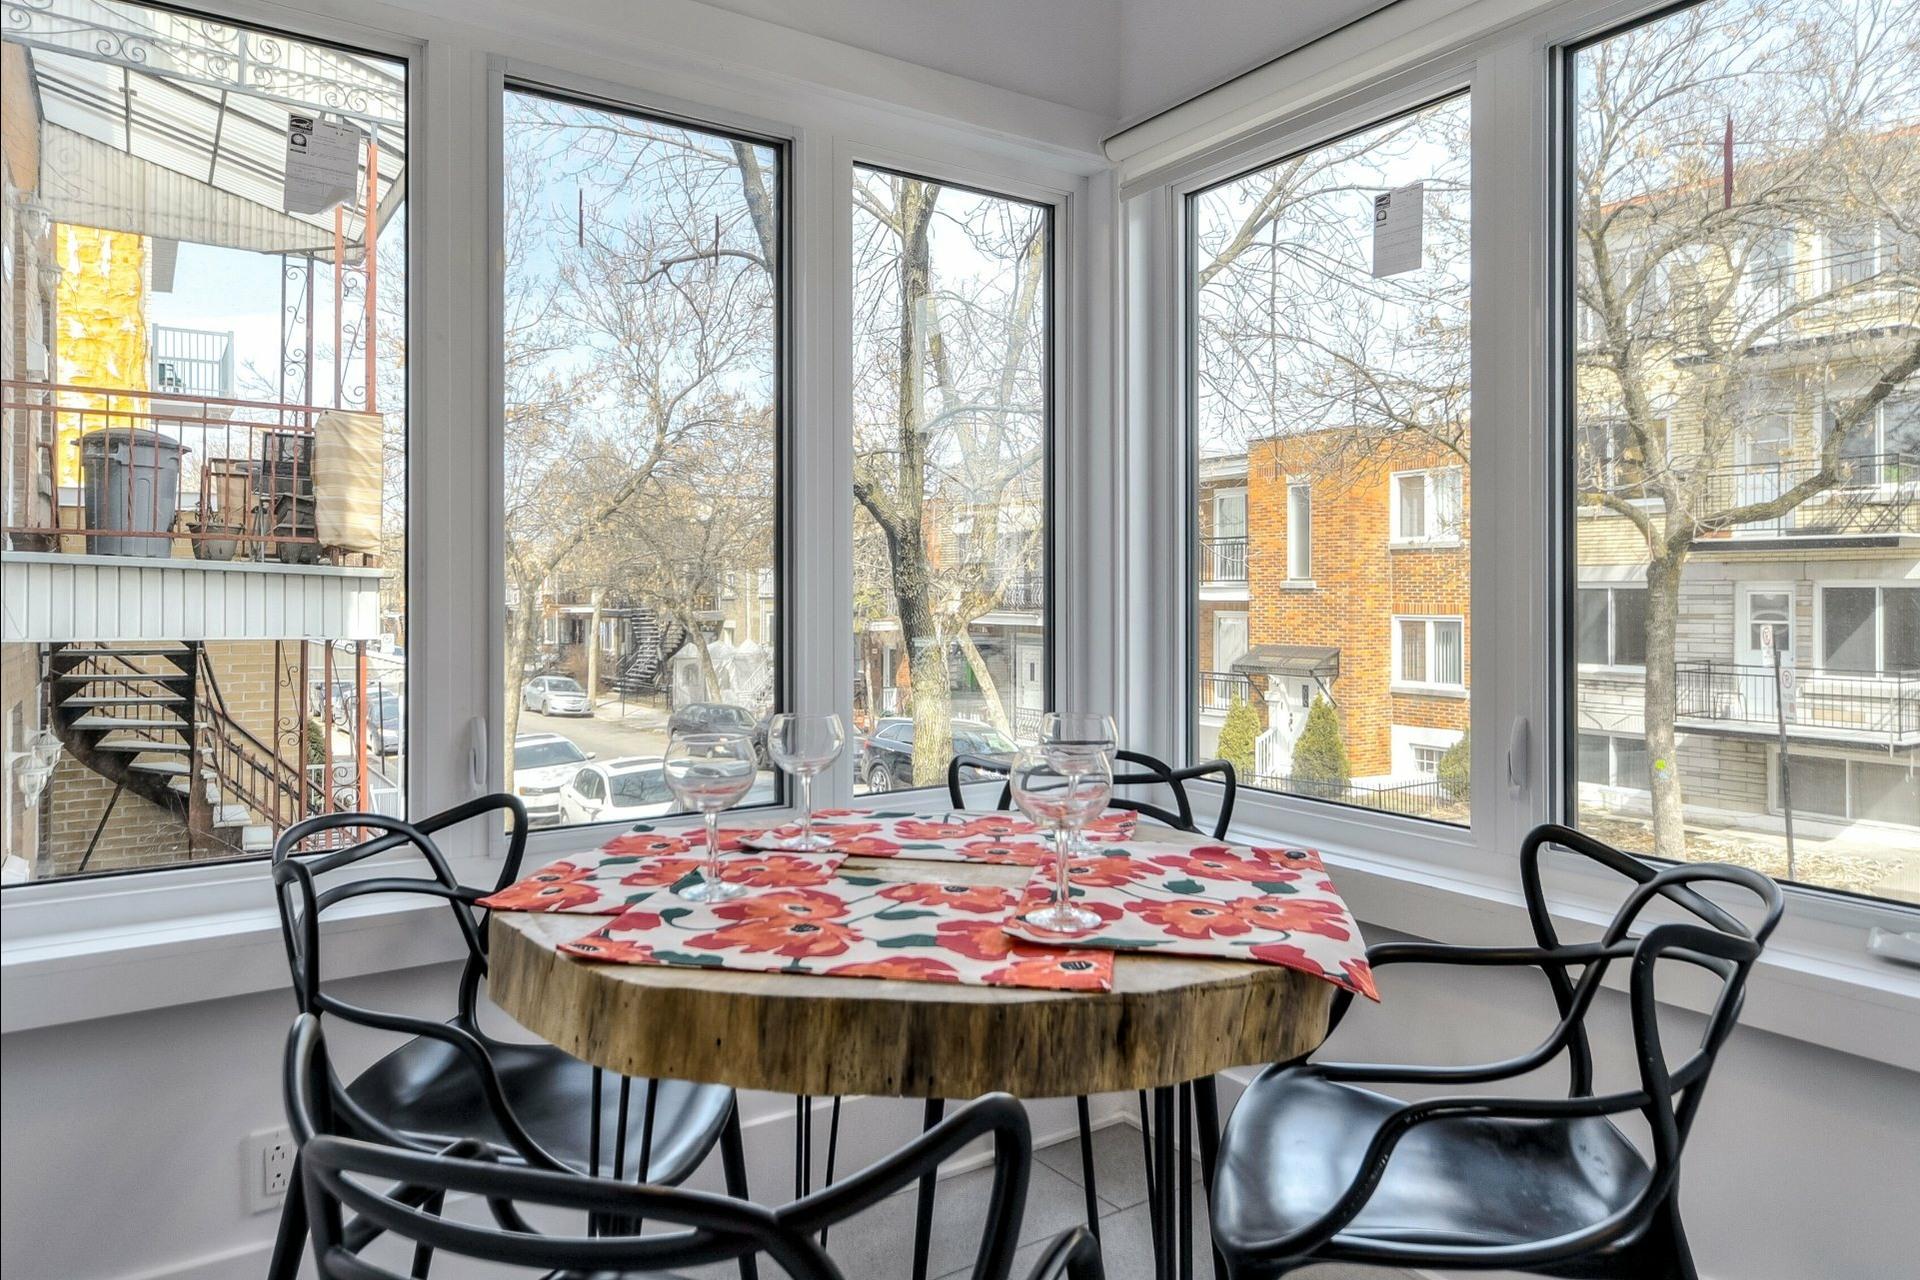 image 12 - Immeuble à revenus À vendre Montréal Villeray/Saint-Michel/Parc-Extension  - 3 pièces